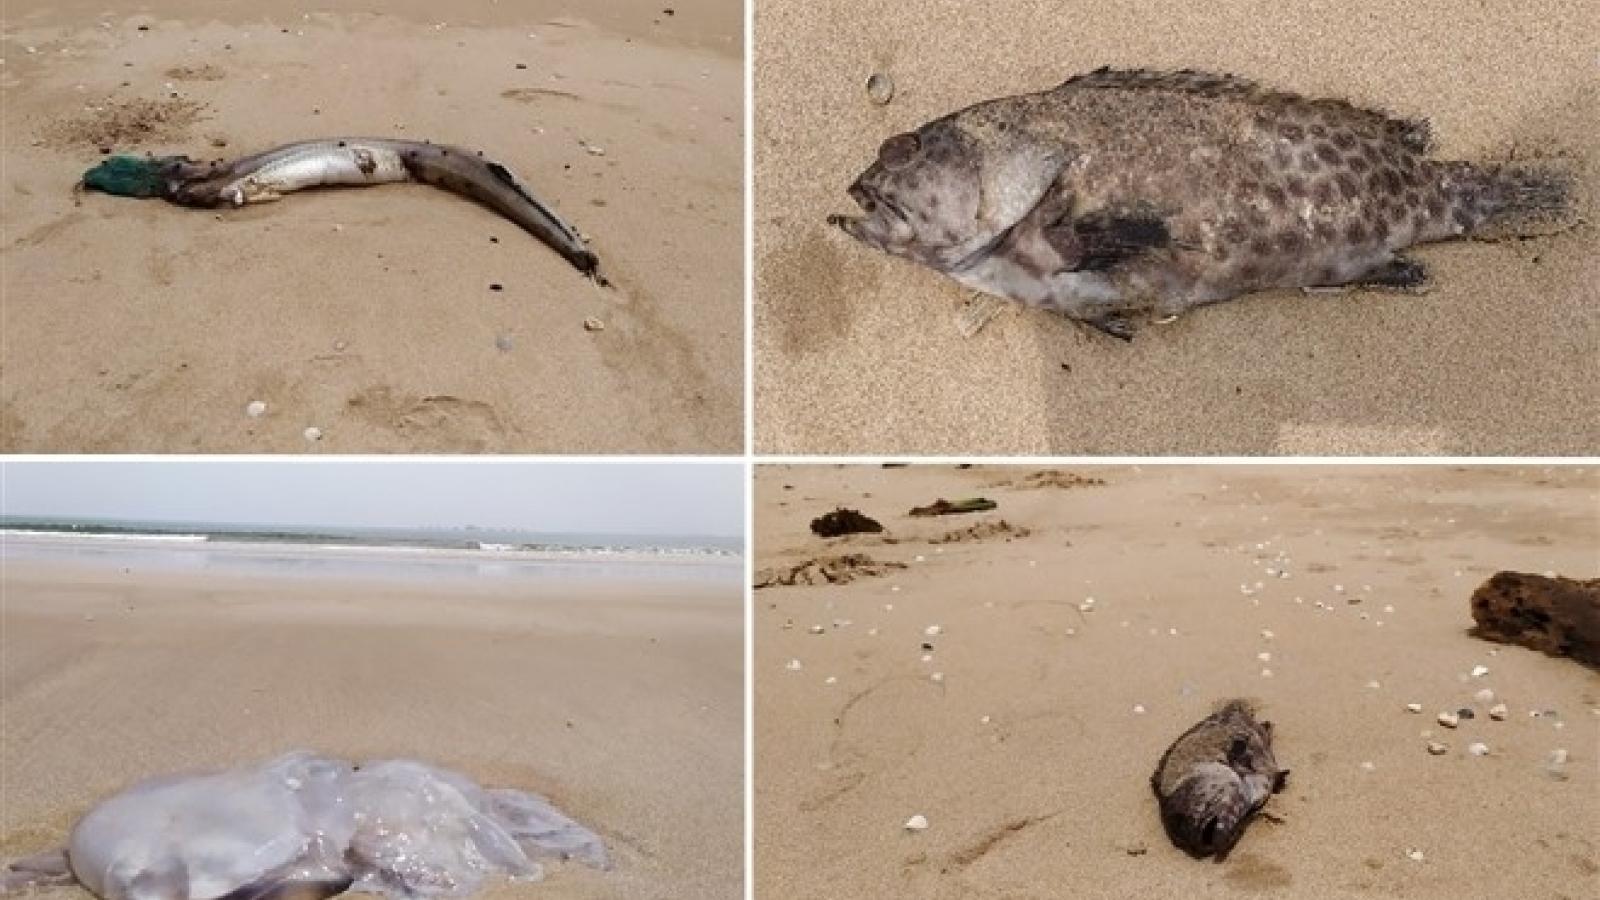 """Cá chết ở Nghi Thiết, Nghệ An: Chất lượng nước biển """"không có dấu hiệu bất thường"""""""